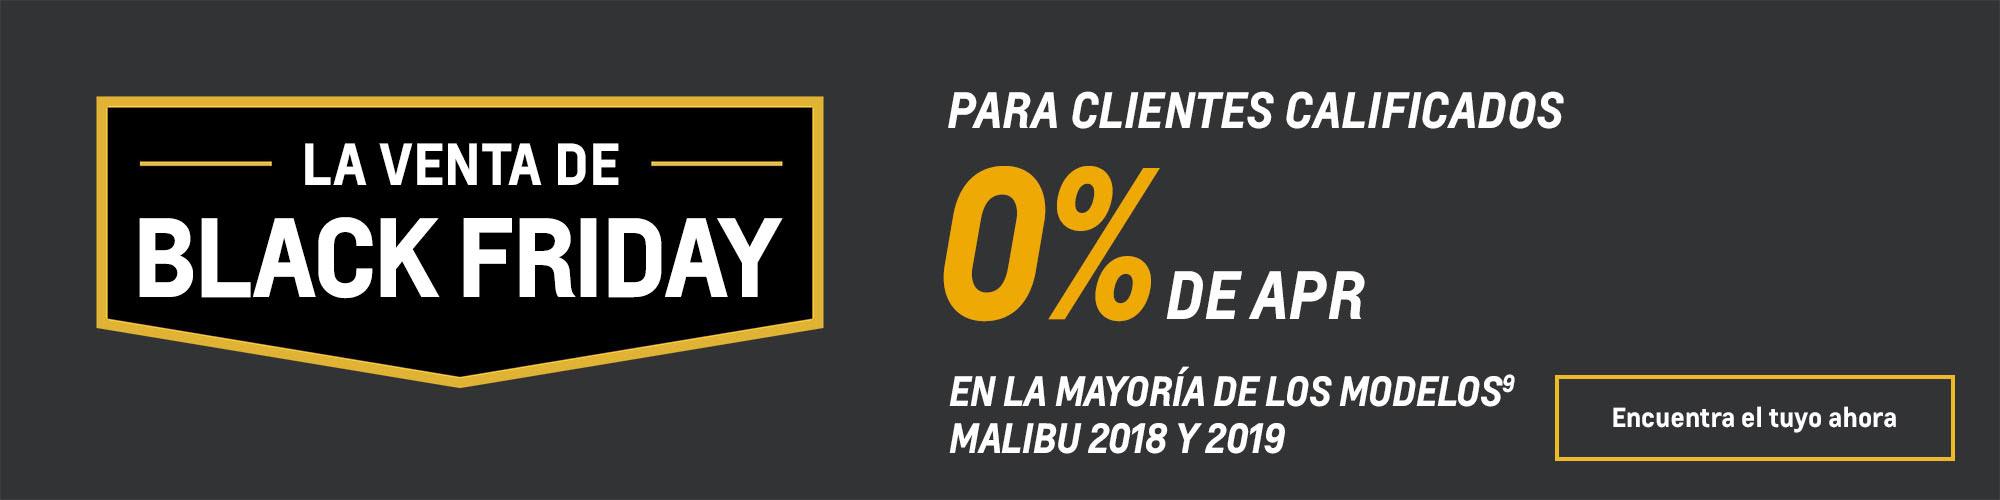 Ofertas Black Friday de Chevy: Malibu: 0% de APR